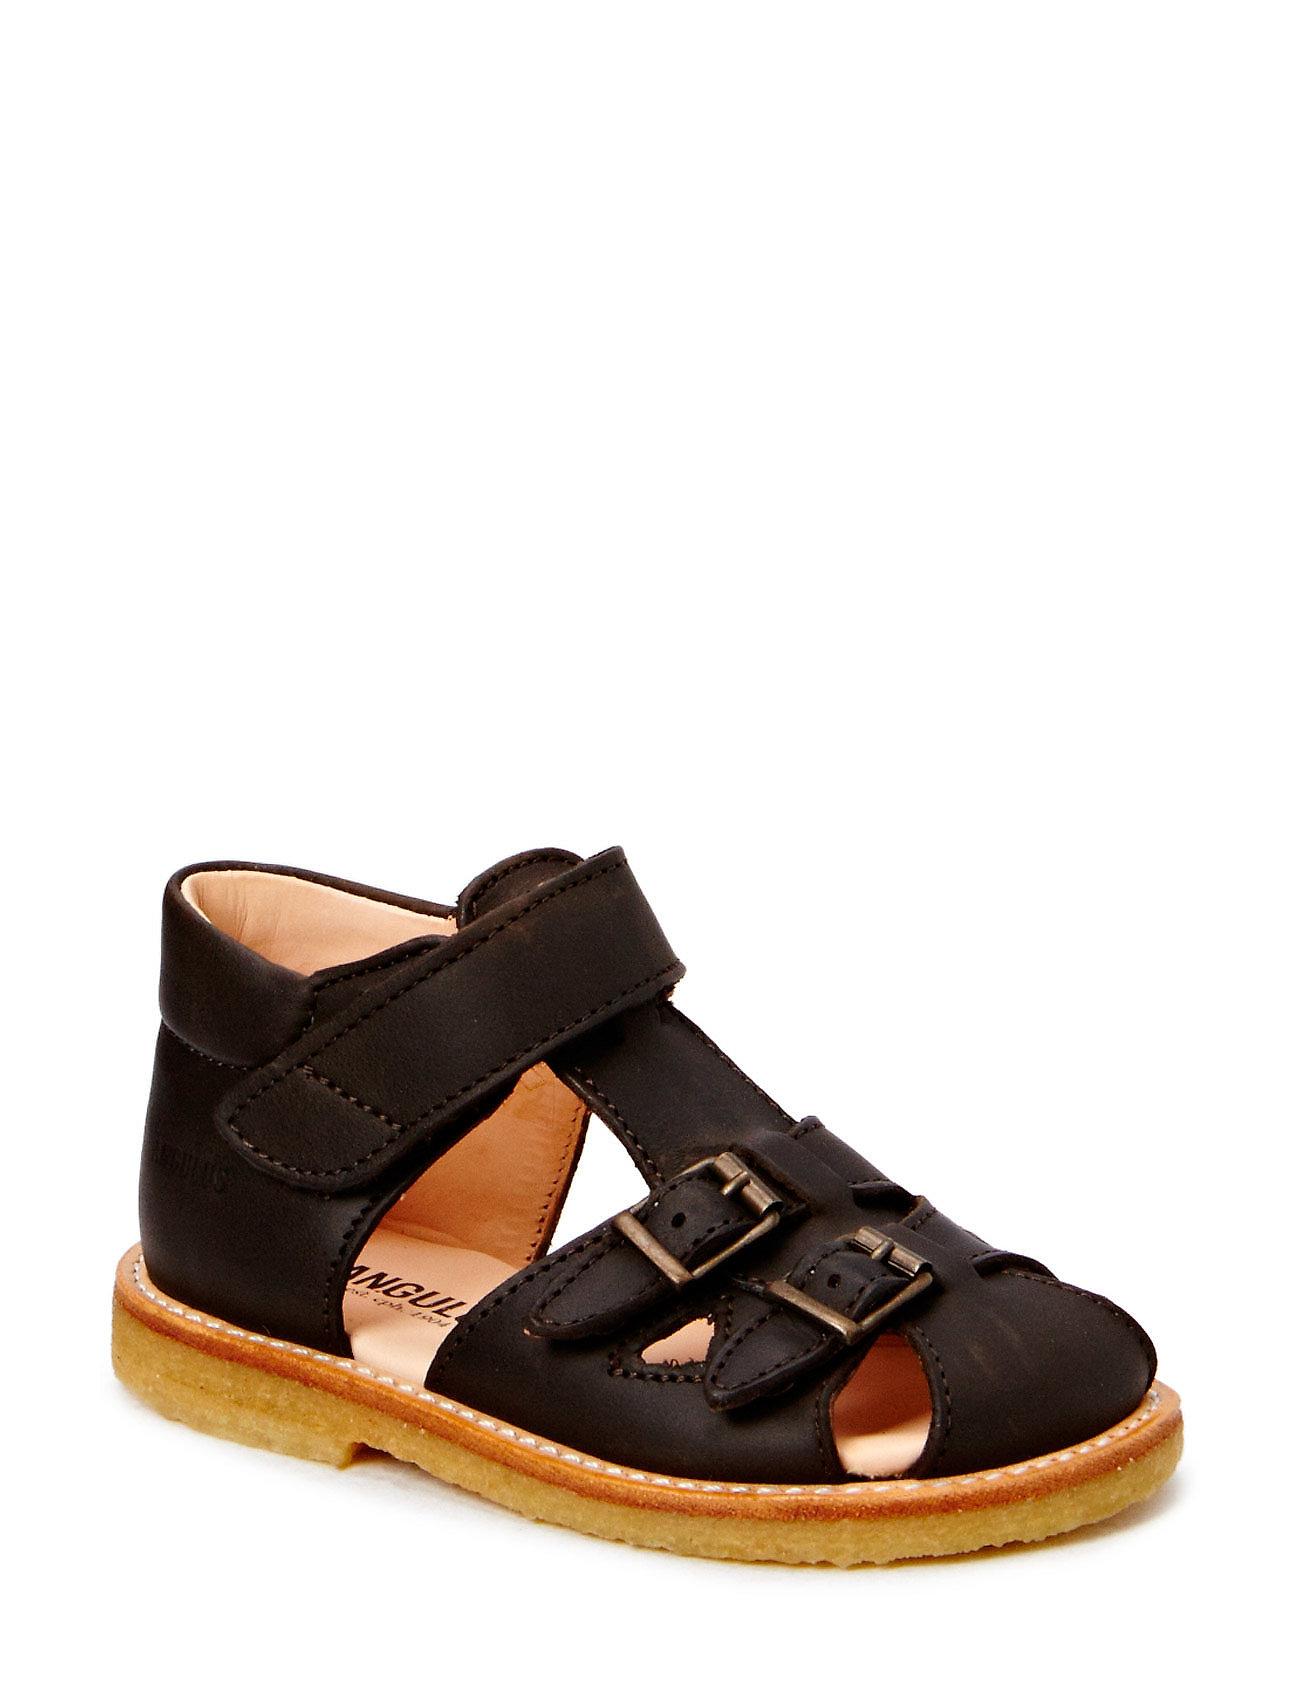 ANGULUS Sandals - flat - 1660 DARK BROWN